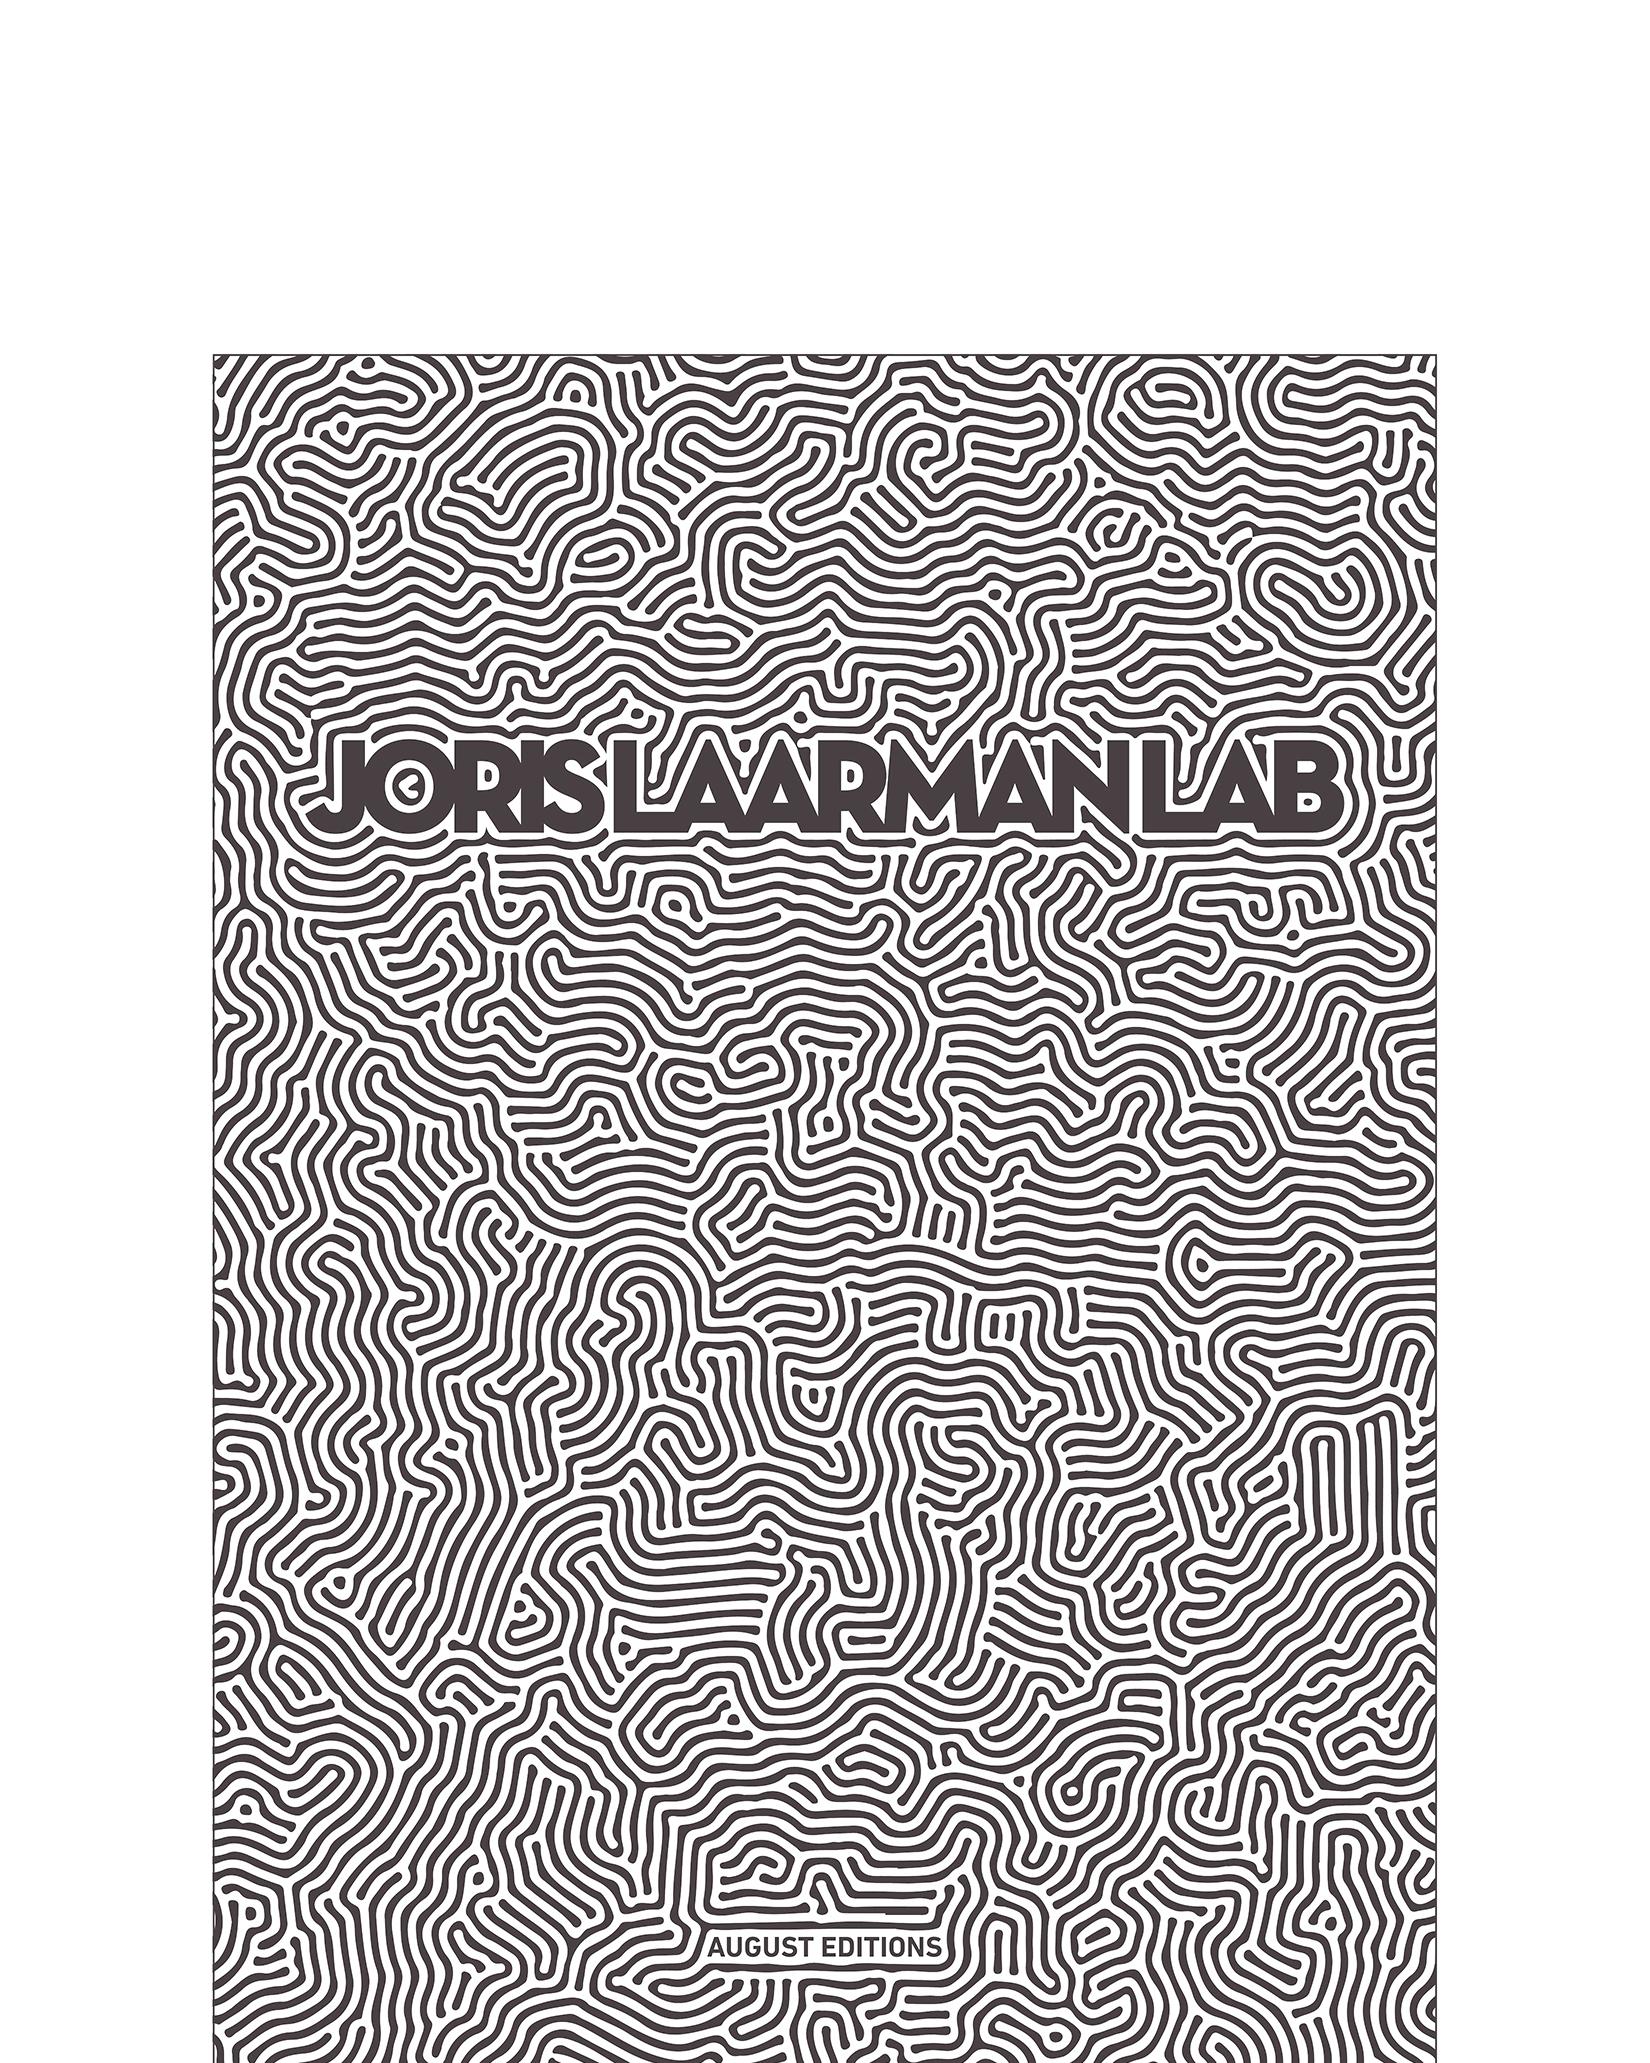 JORIS_LAARMAN_cover-website homepage.jpg